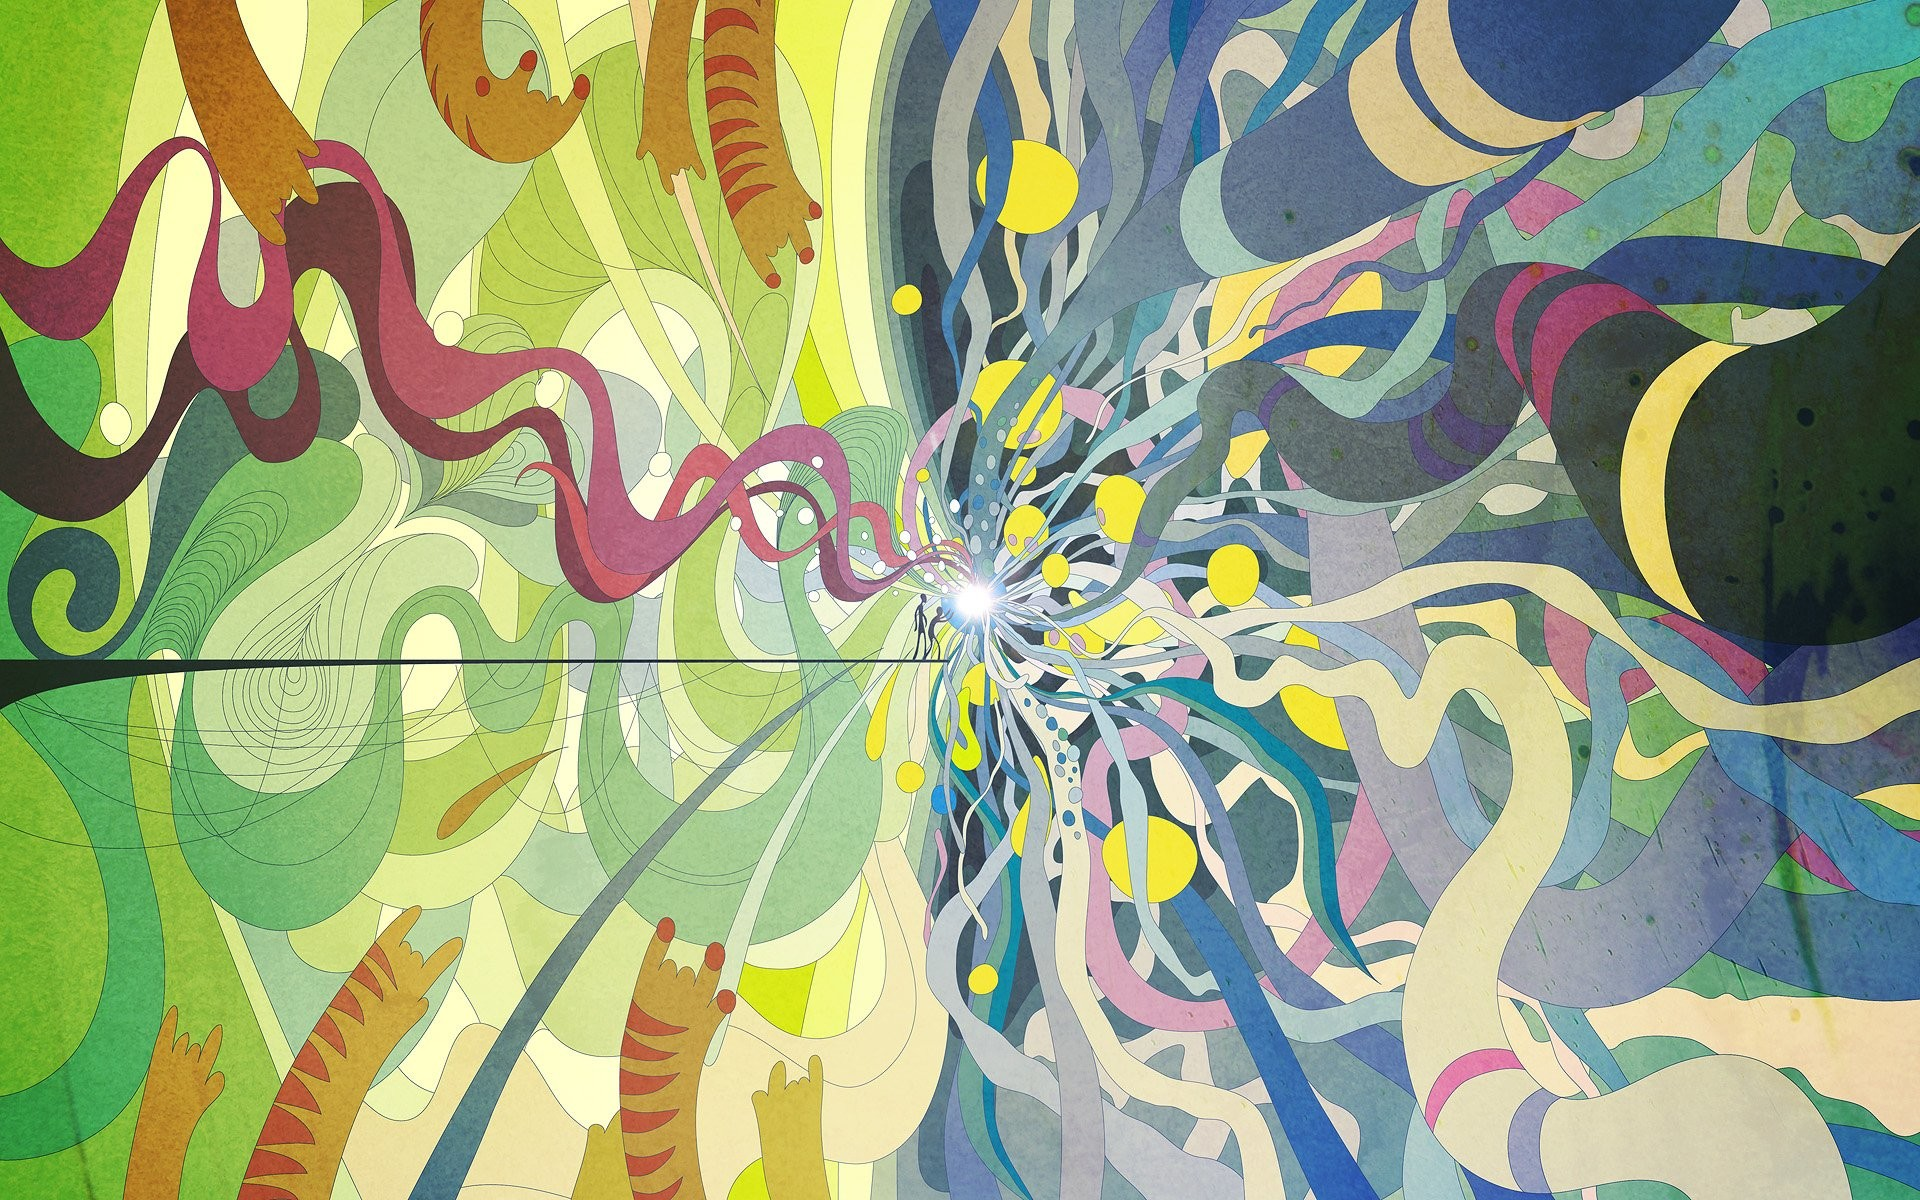 Good Wallpaper Macbook Hippie - 713727-free-download-psychedelic-art-wallpapers-1920x1200-macbook  Picture_129964.jpg